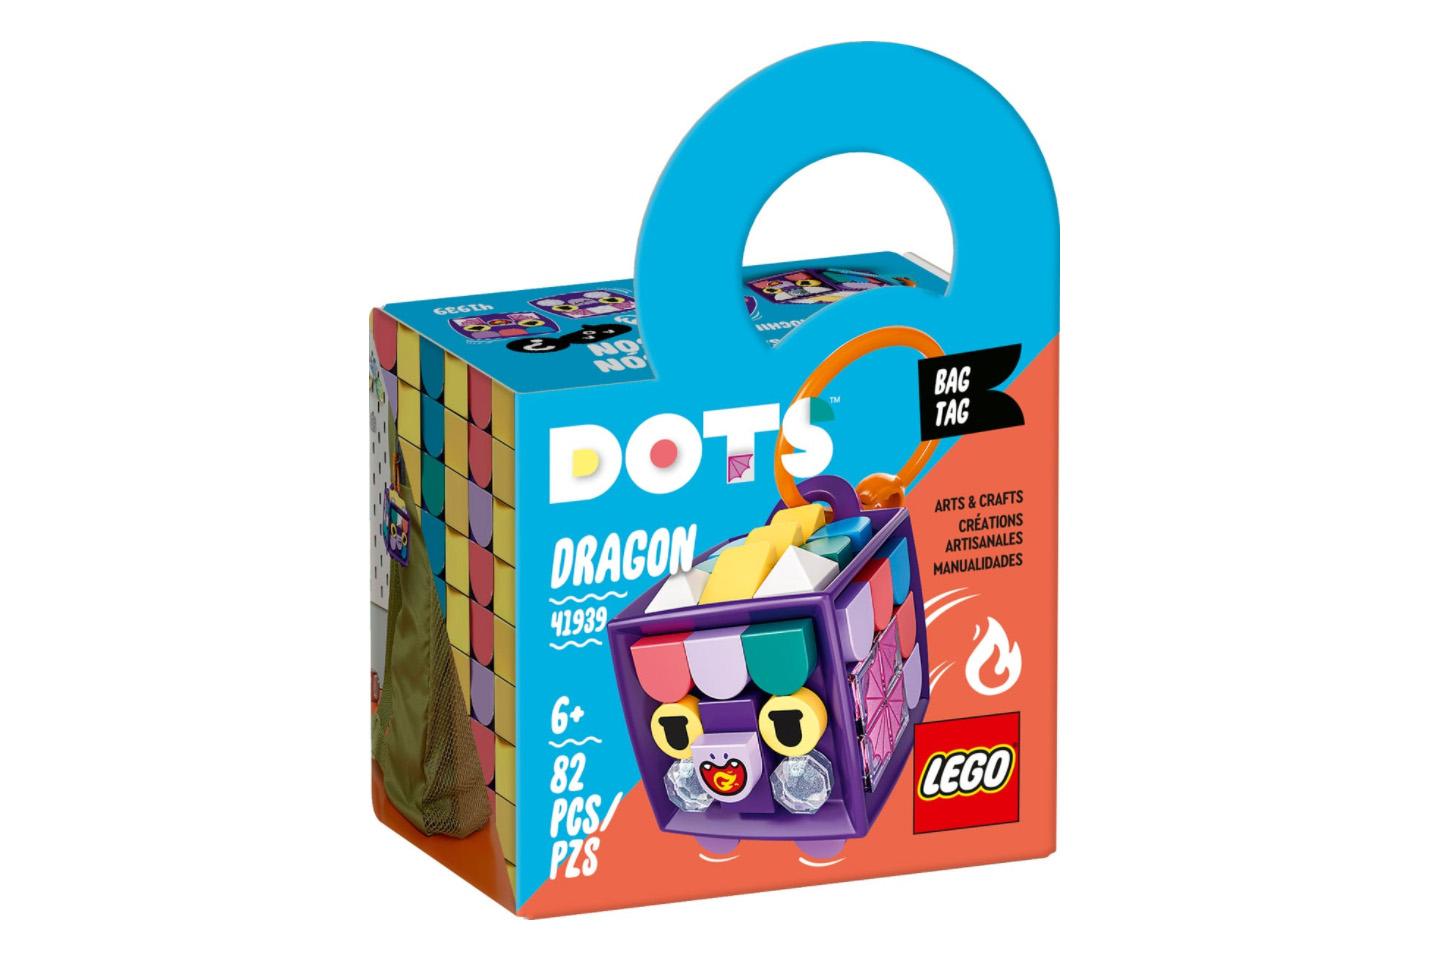 レゴ(LEGO) ドッツ アニマルチャーム<ドラゴン> 41939